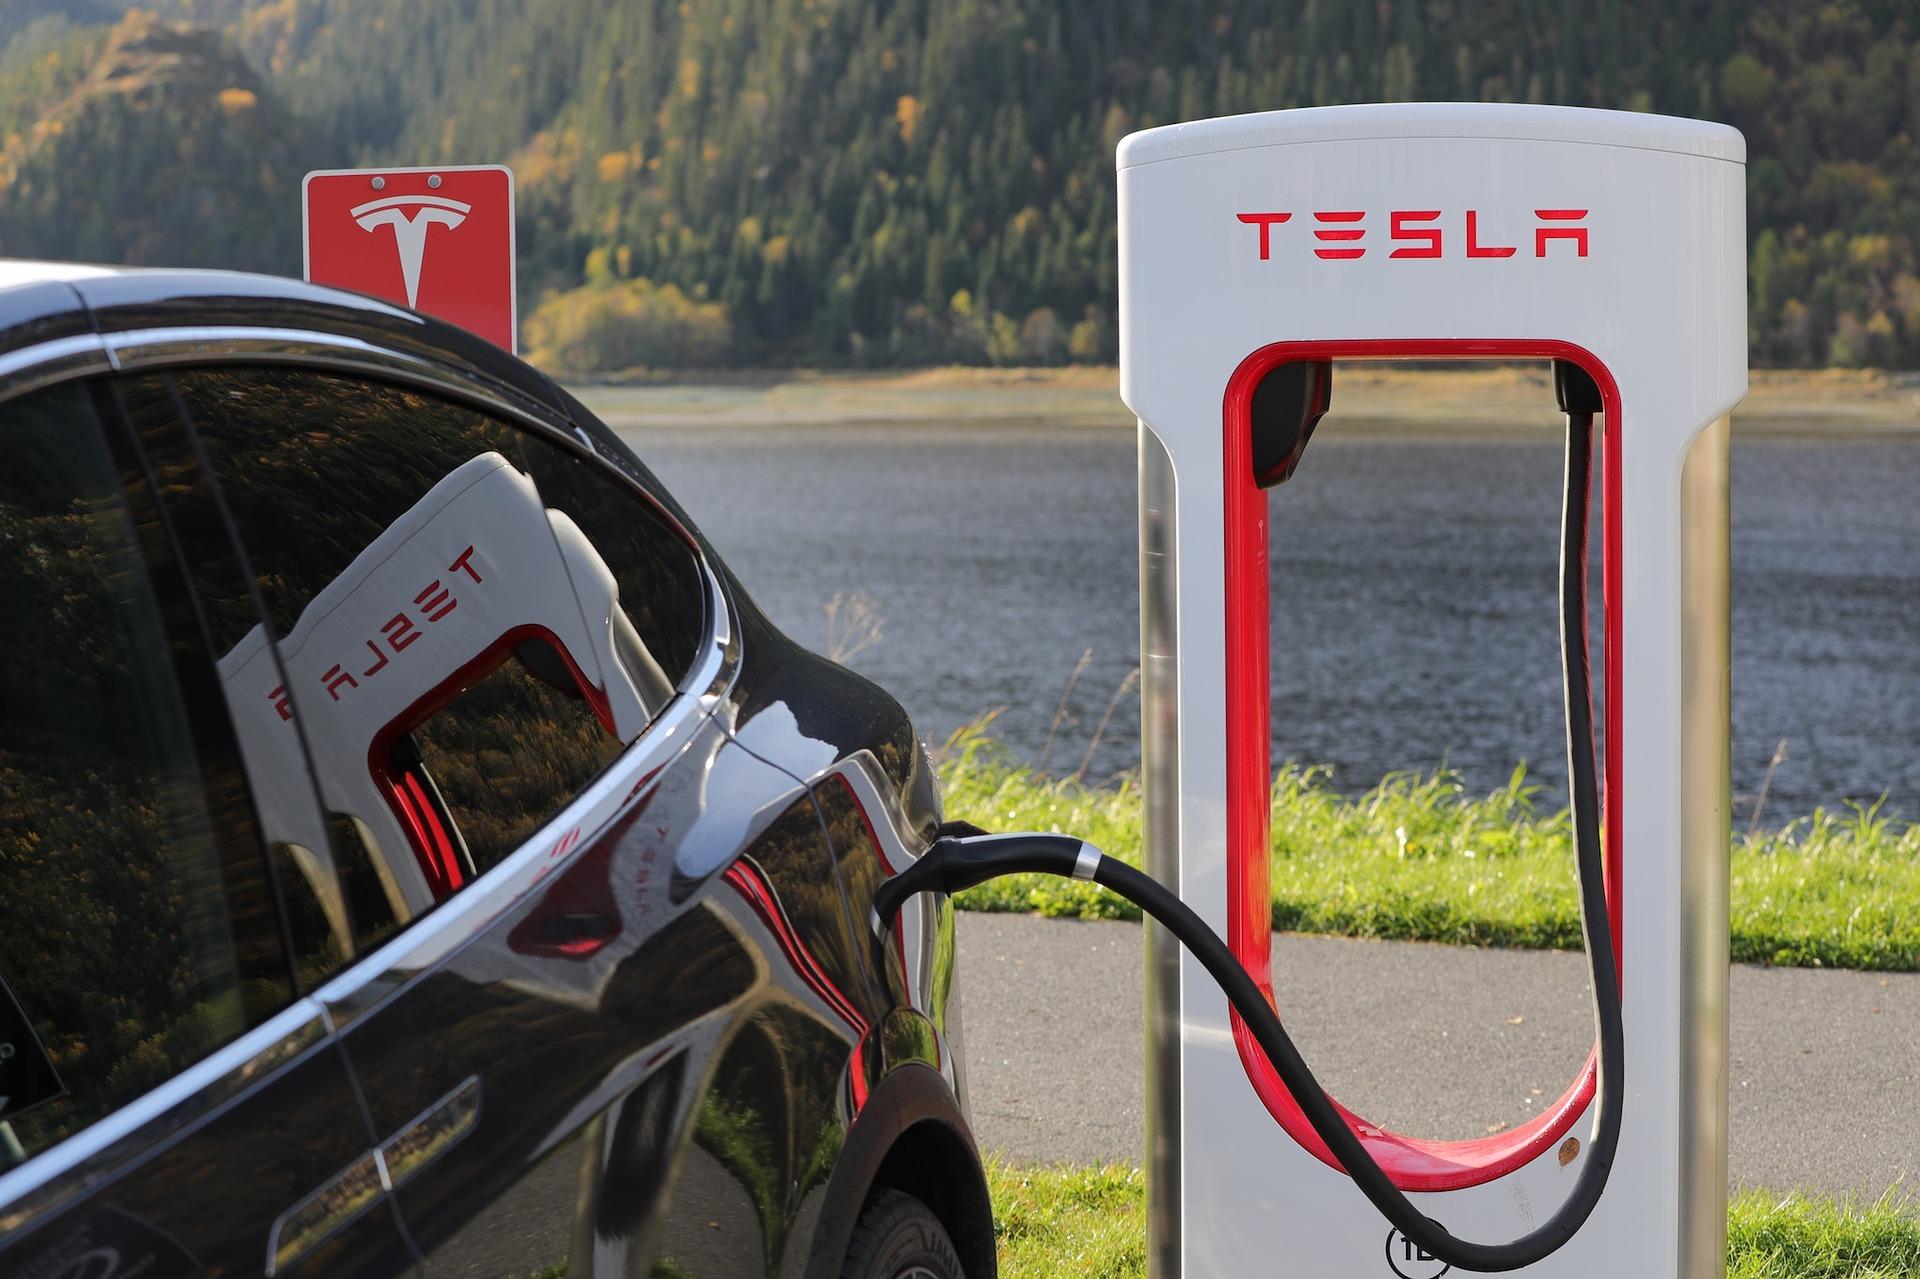 Известный разработчик Кармак вызвался ускорить работу интерфейса в старых автомобилях Tesla